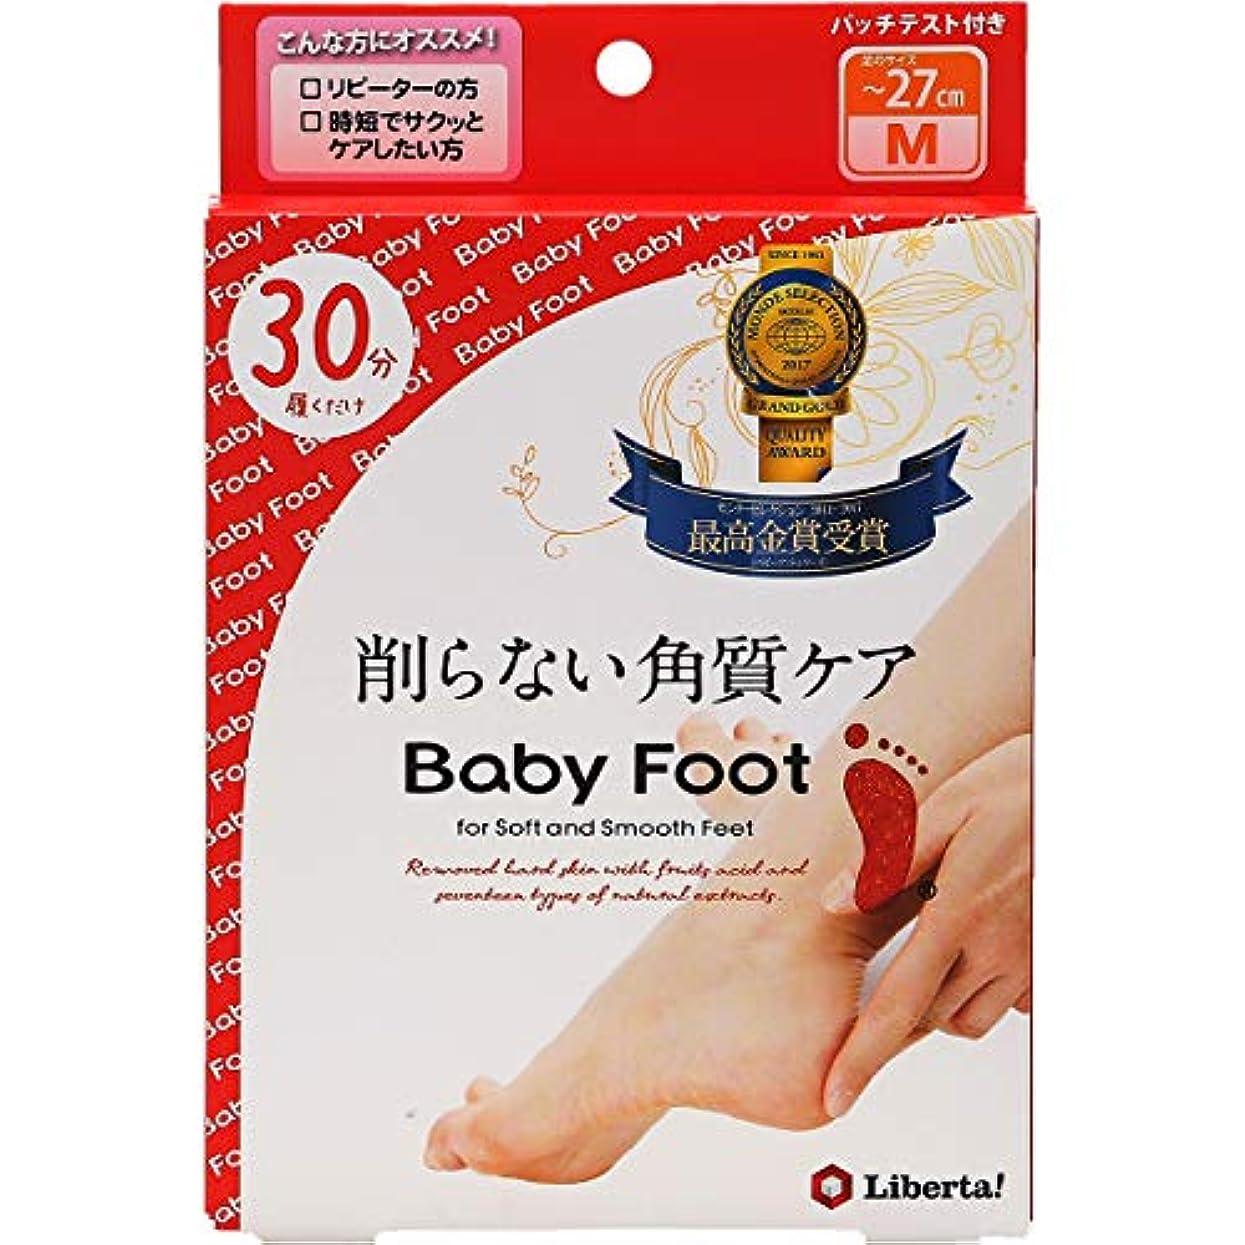 掘る法王刑務所ベビーフット (Baby Foot) ベビーフット イージーパック30分タイプ Mサイズ 単品